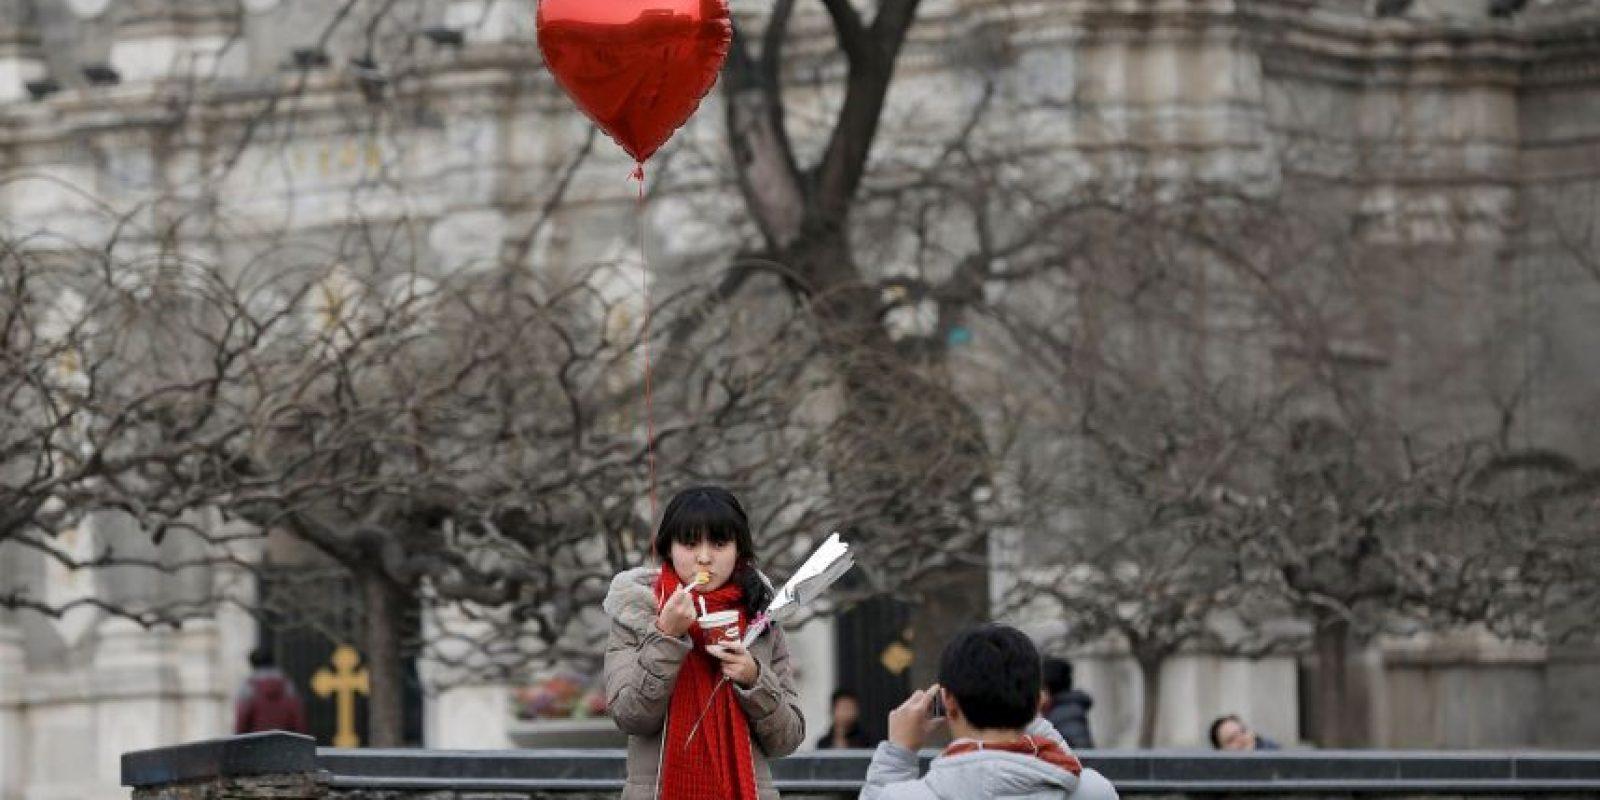 Eviten que el peso de la relación vaya sobre una sola persona. Lo compartido es dos veces mejor. Foto:Getty Images